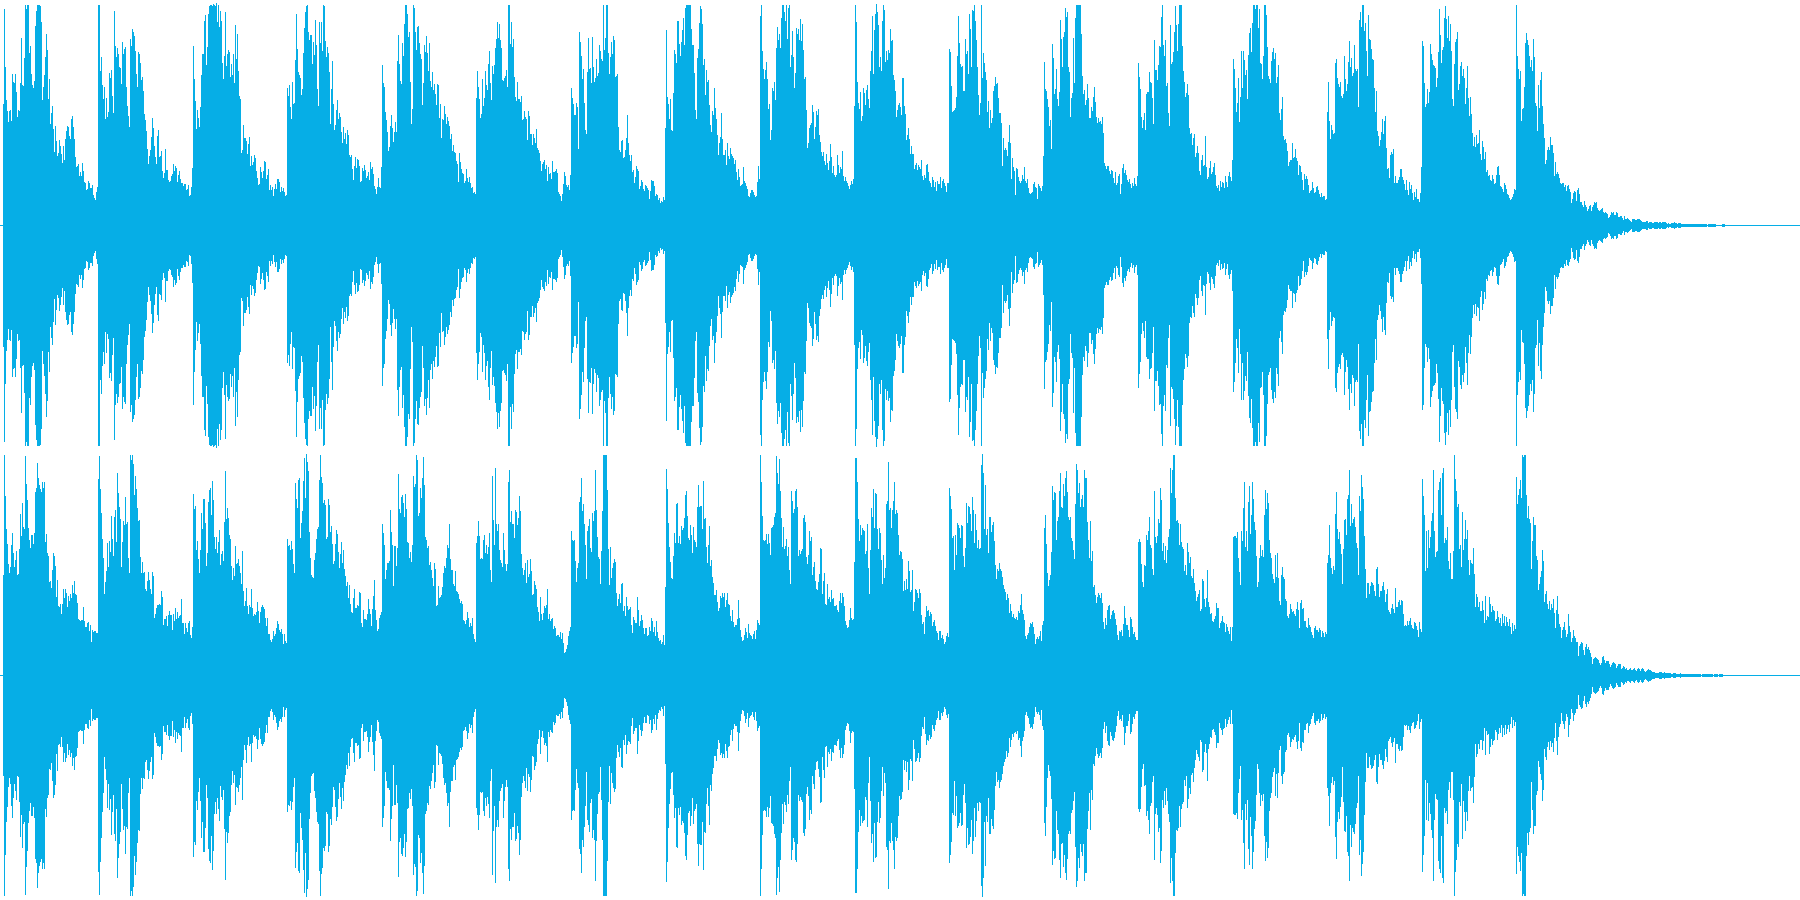 森や洞窟の中を歩いてるような不気味な曲の再生済みの波形